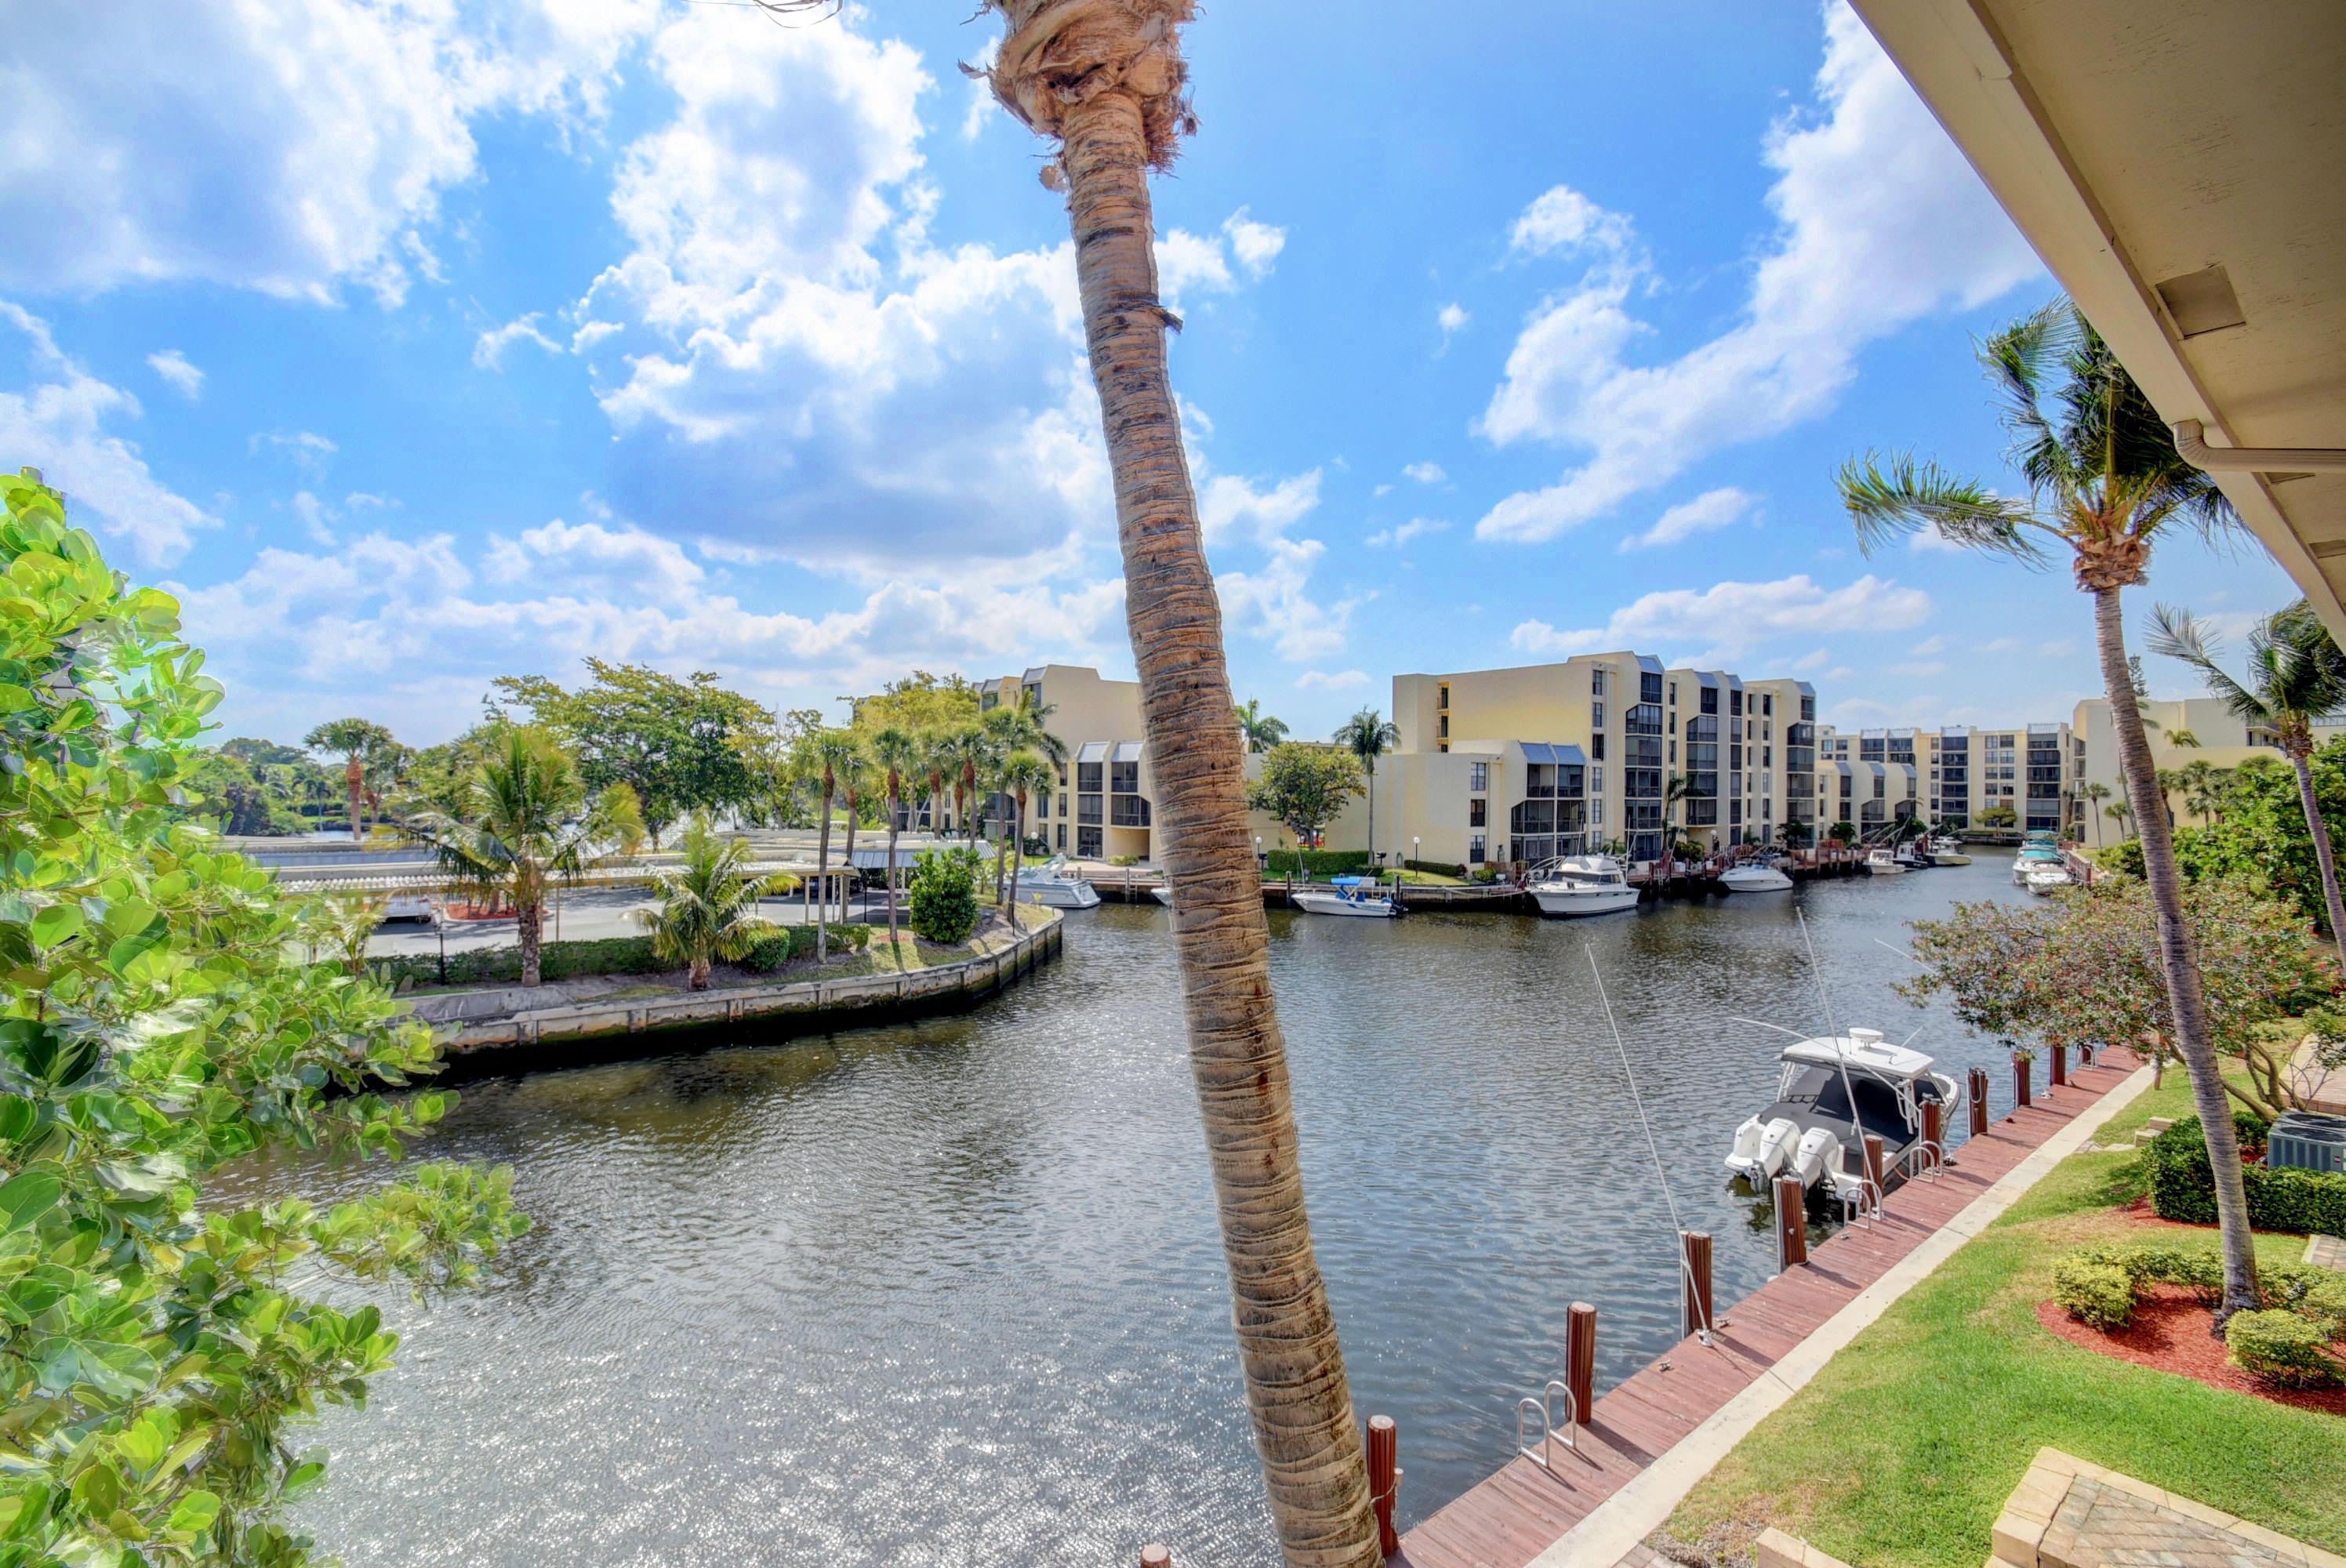 23 Royal Palm Way #18 Boca Raton, FL 33432